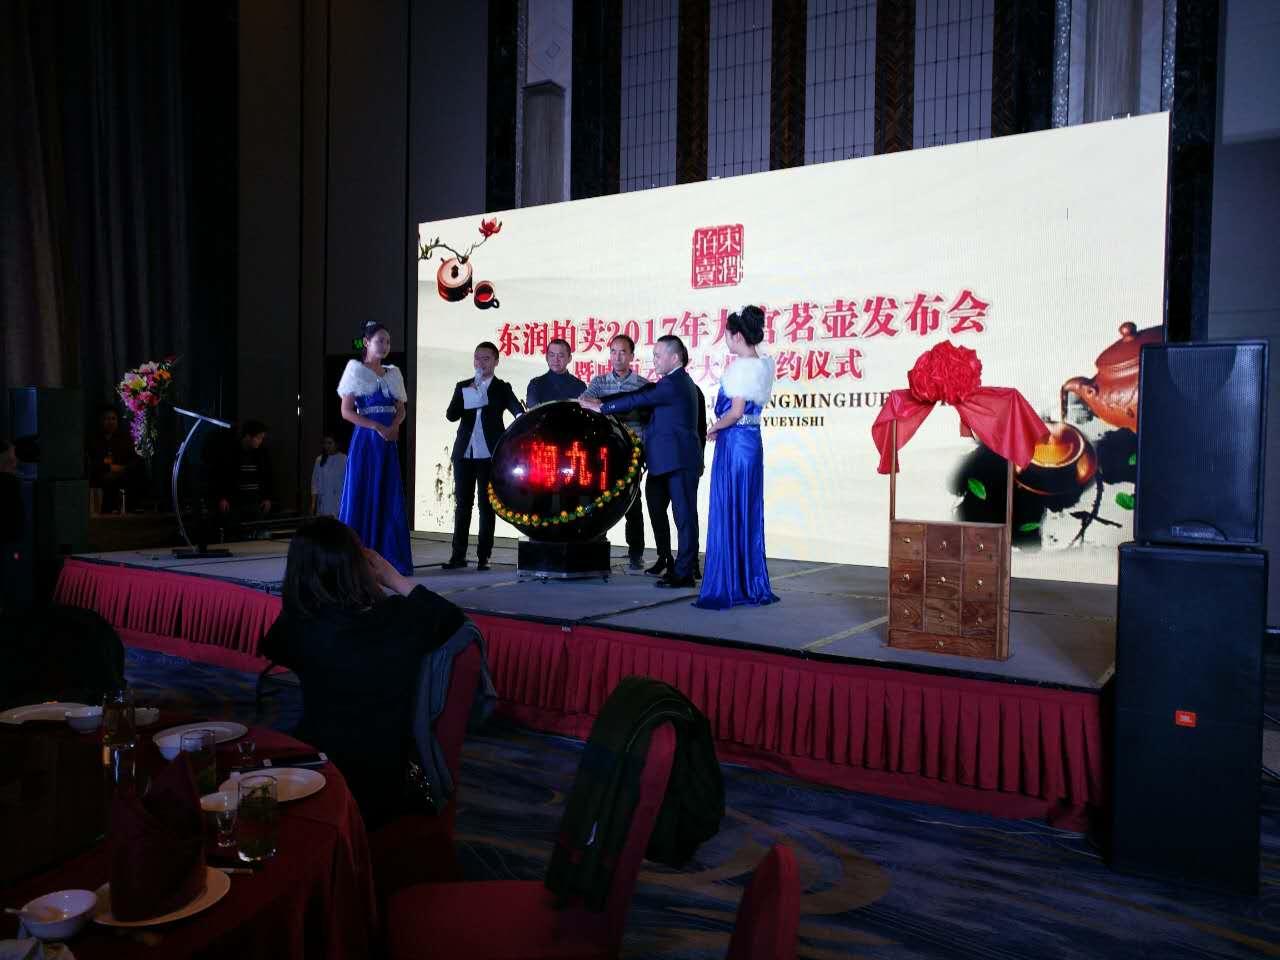 東潤拍賣2017年九宮茗壺發布會簽約儀式